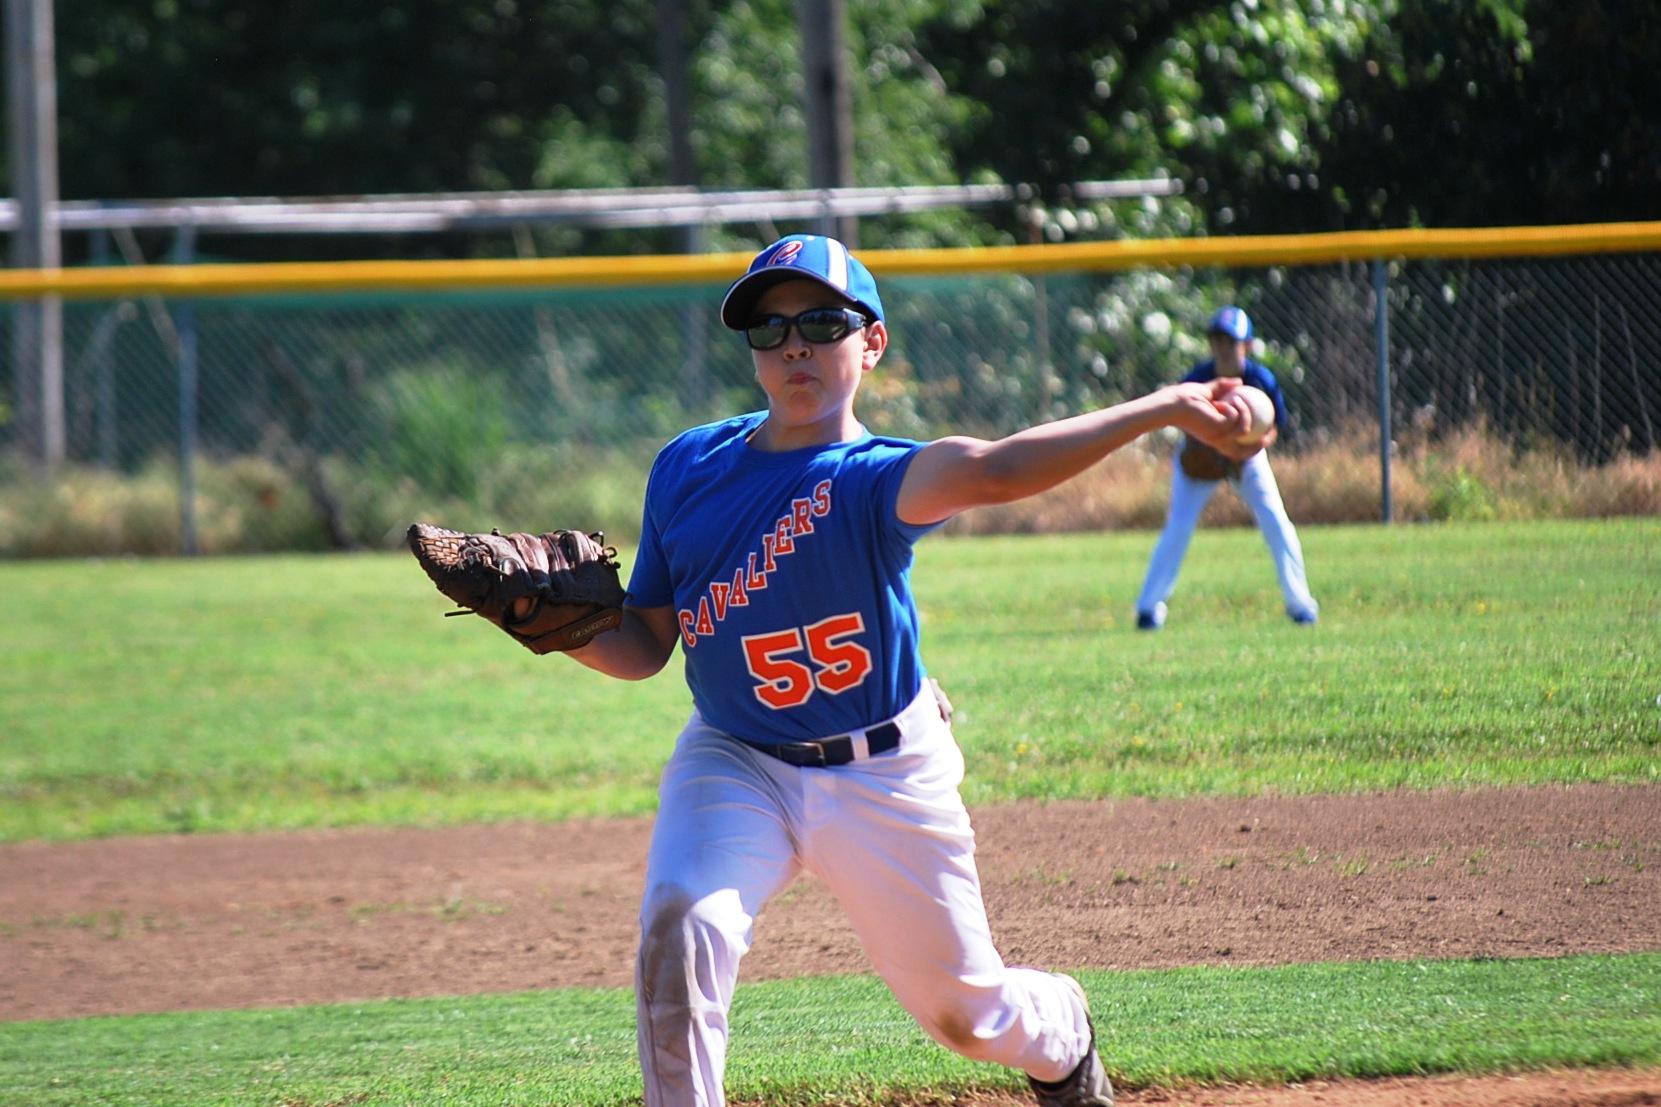 james pitching.jpg